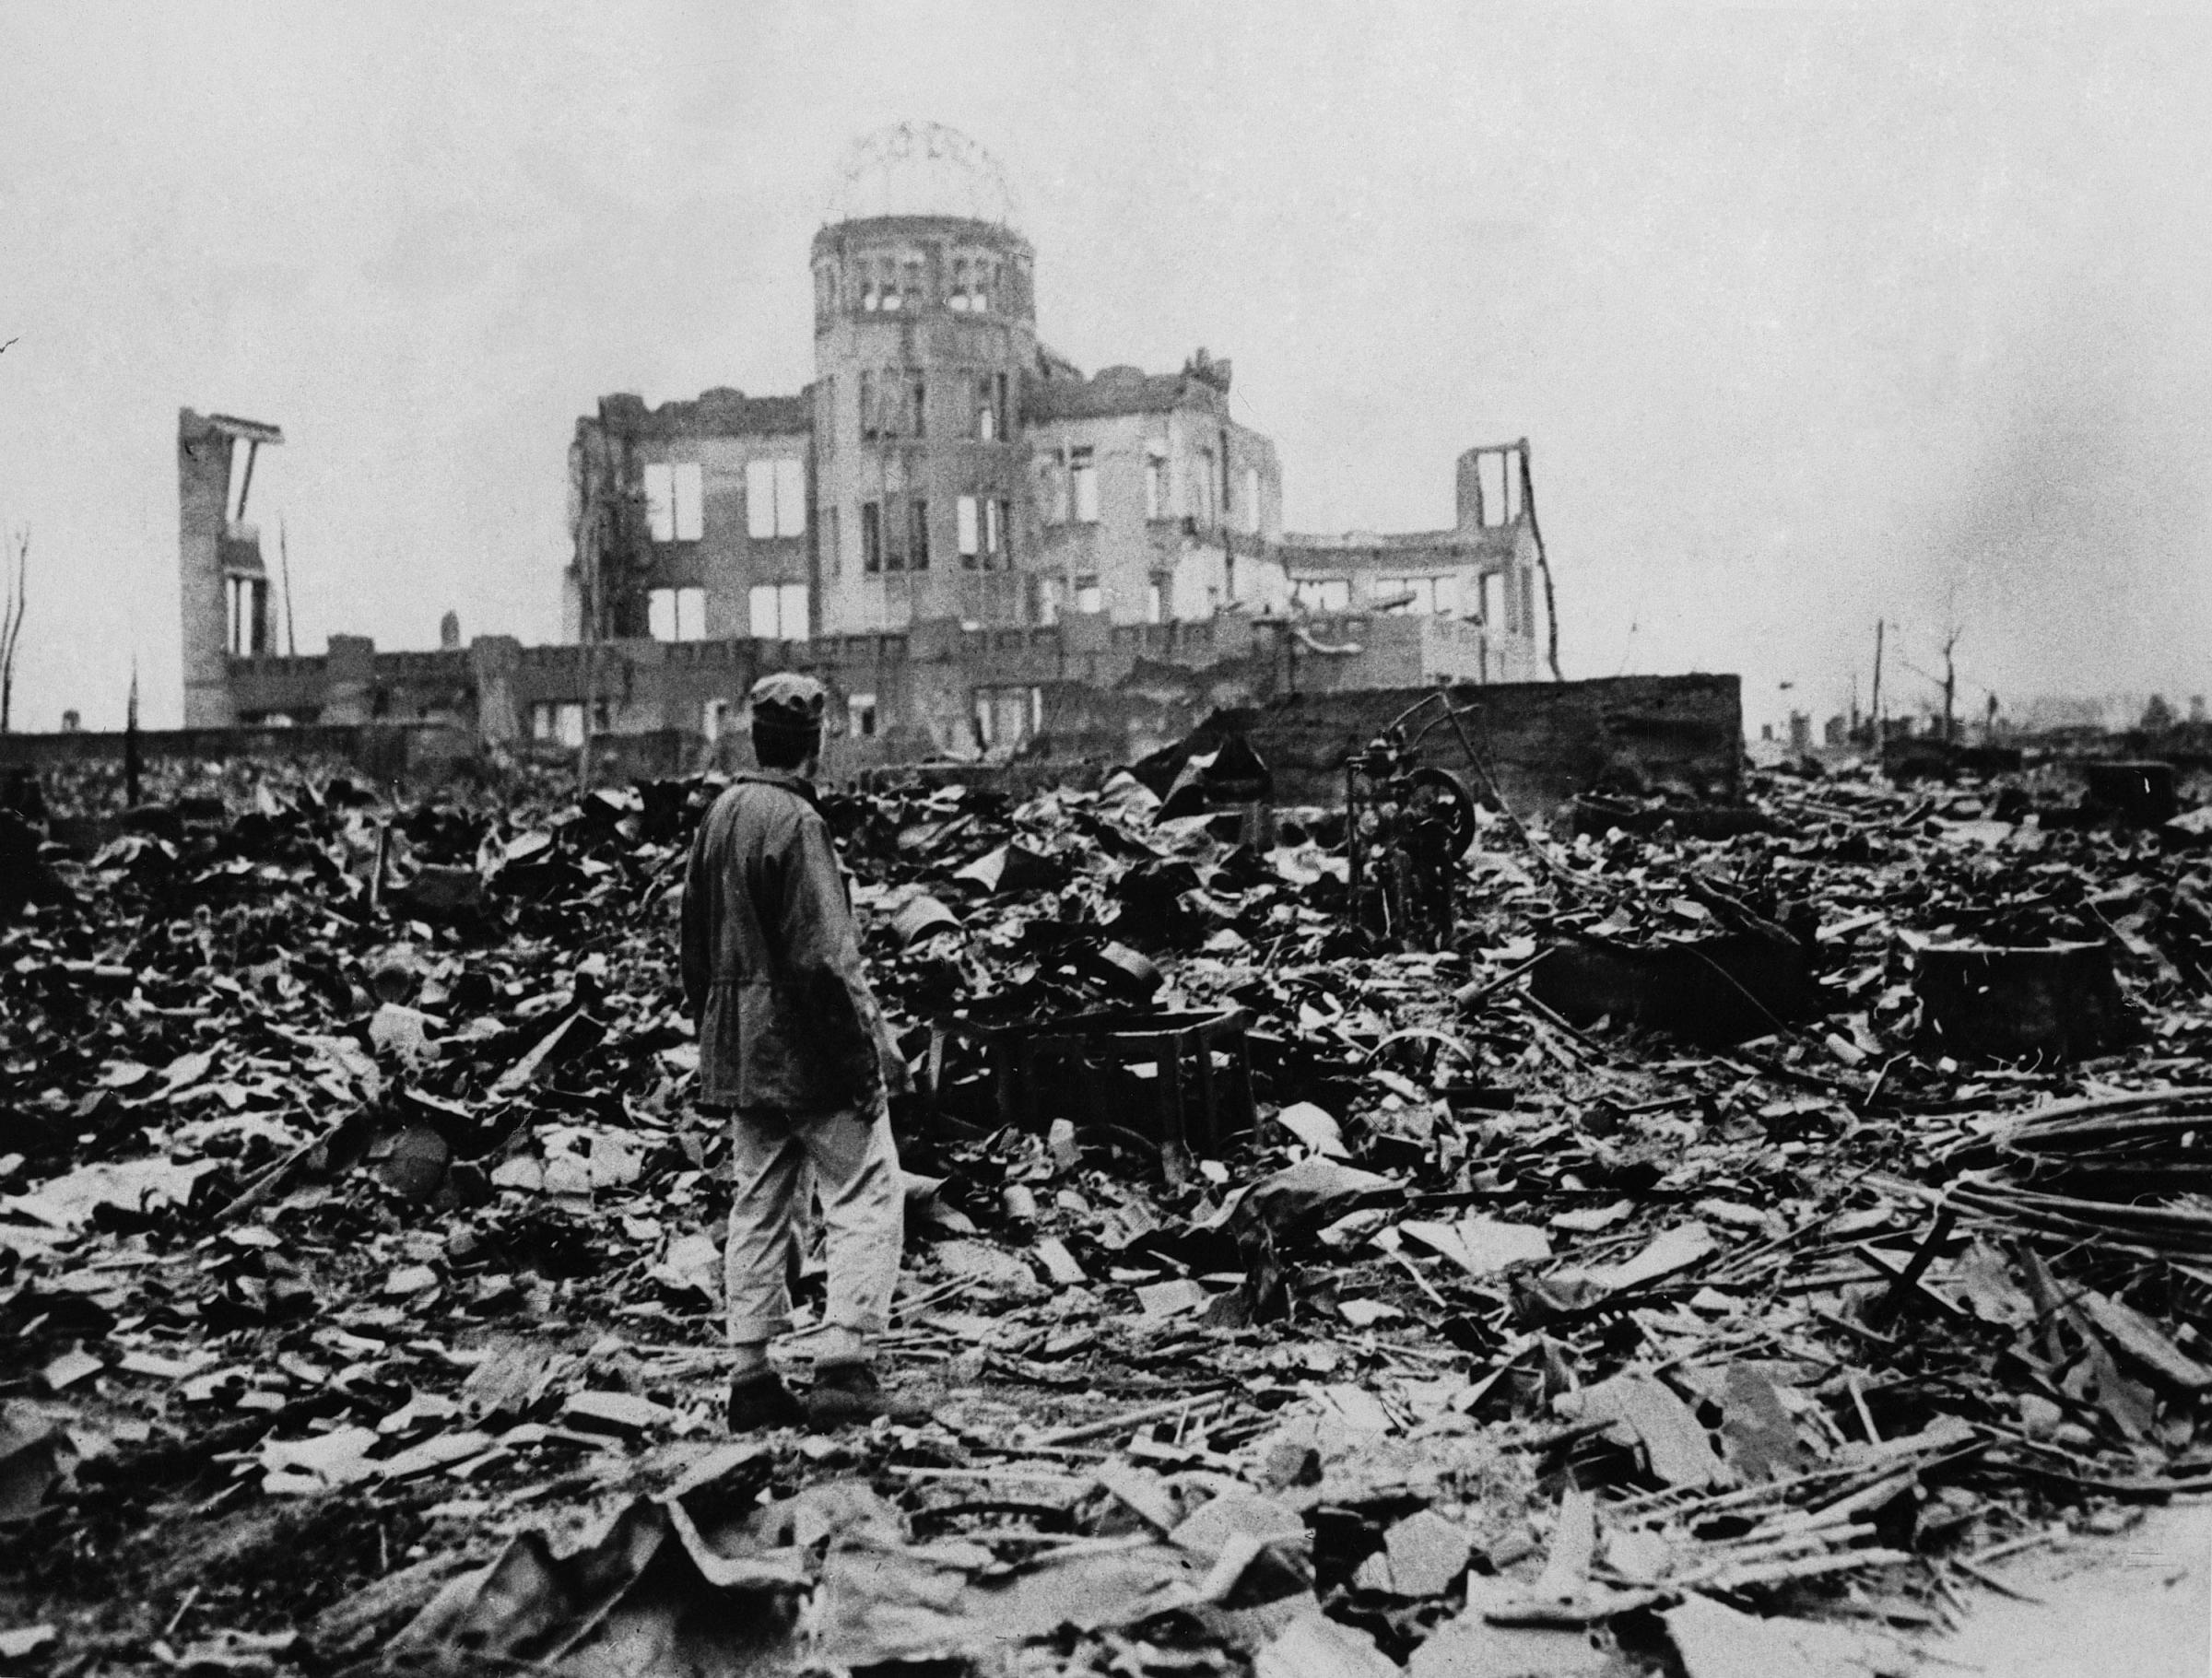 Olocausto, siamo fiori su terra bruciata • Uragano Elettrico